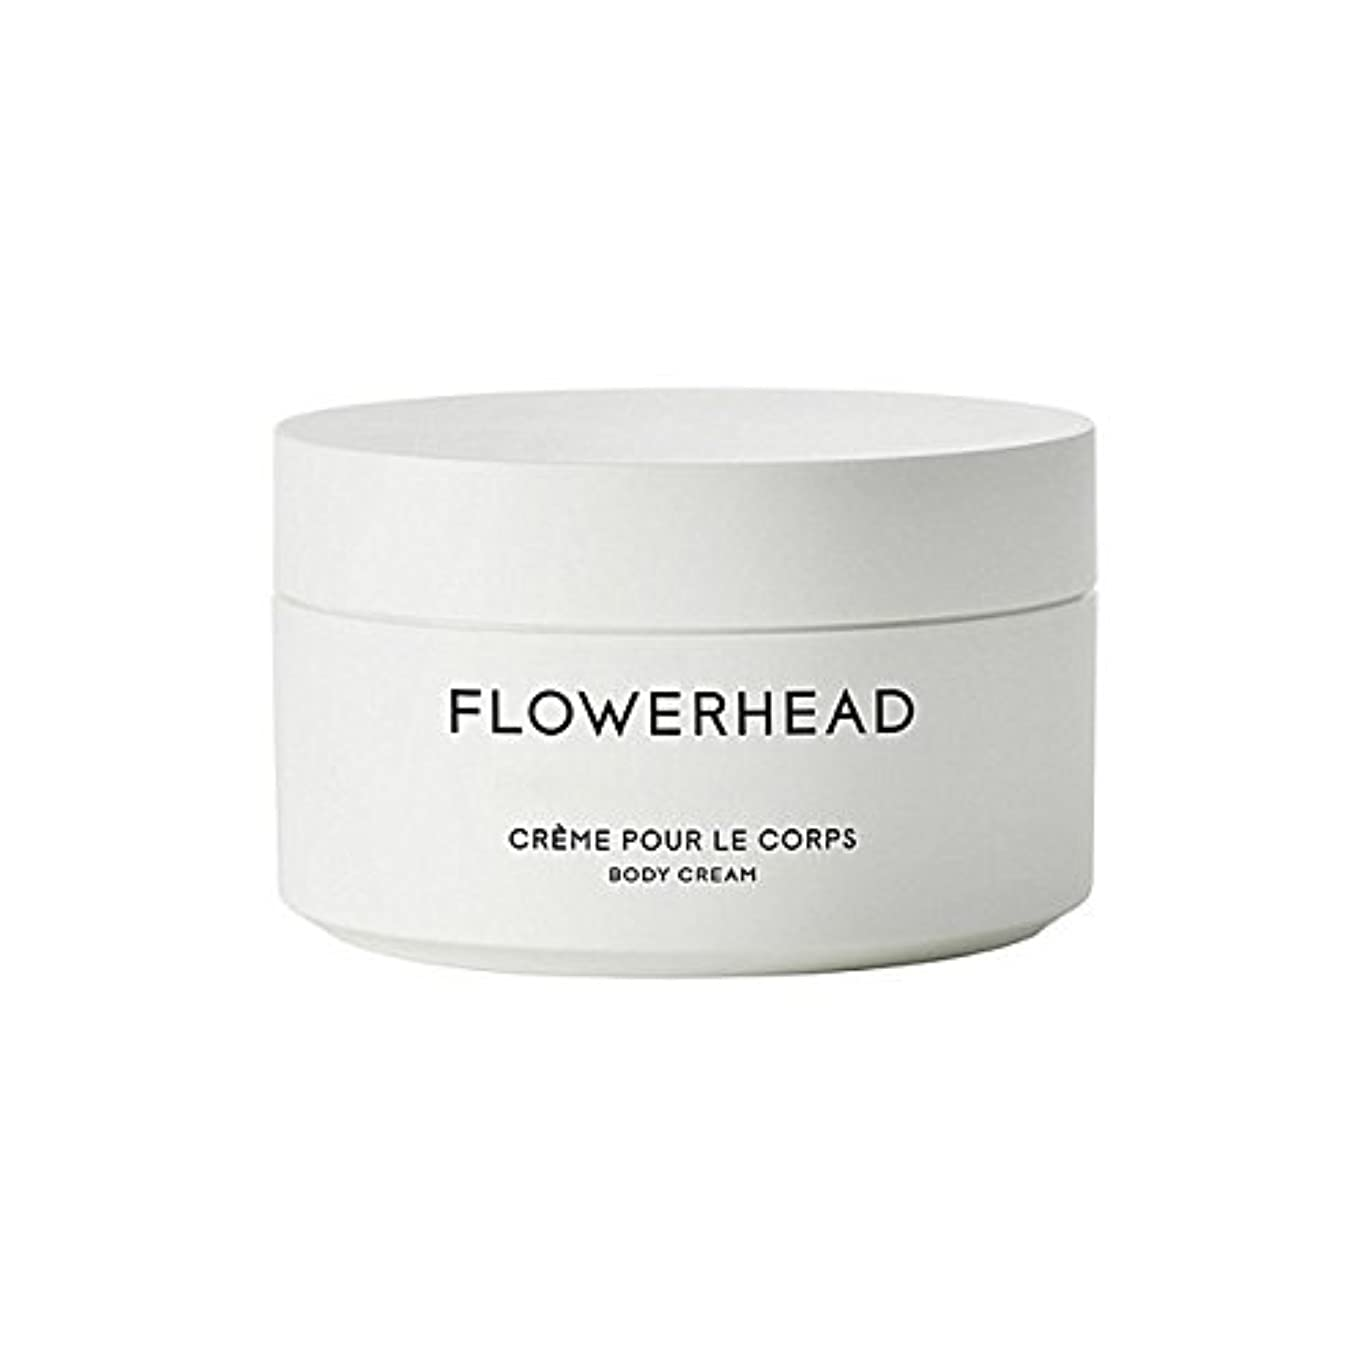 覆す水陸両用機械的ボディクリーム200ミリリットル x2 - Byredo Flowerhead Body Cream 200ml (Pack of 2) [並行輸入品]